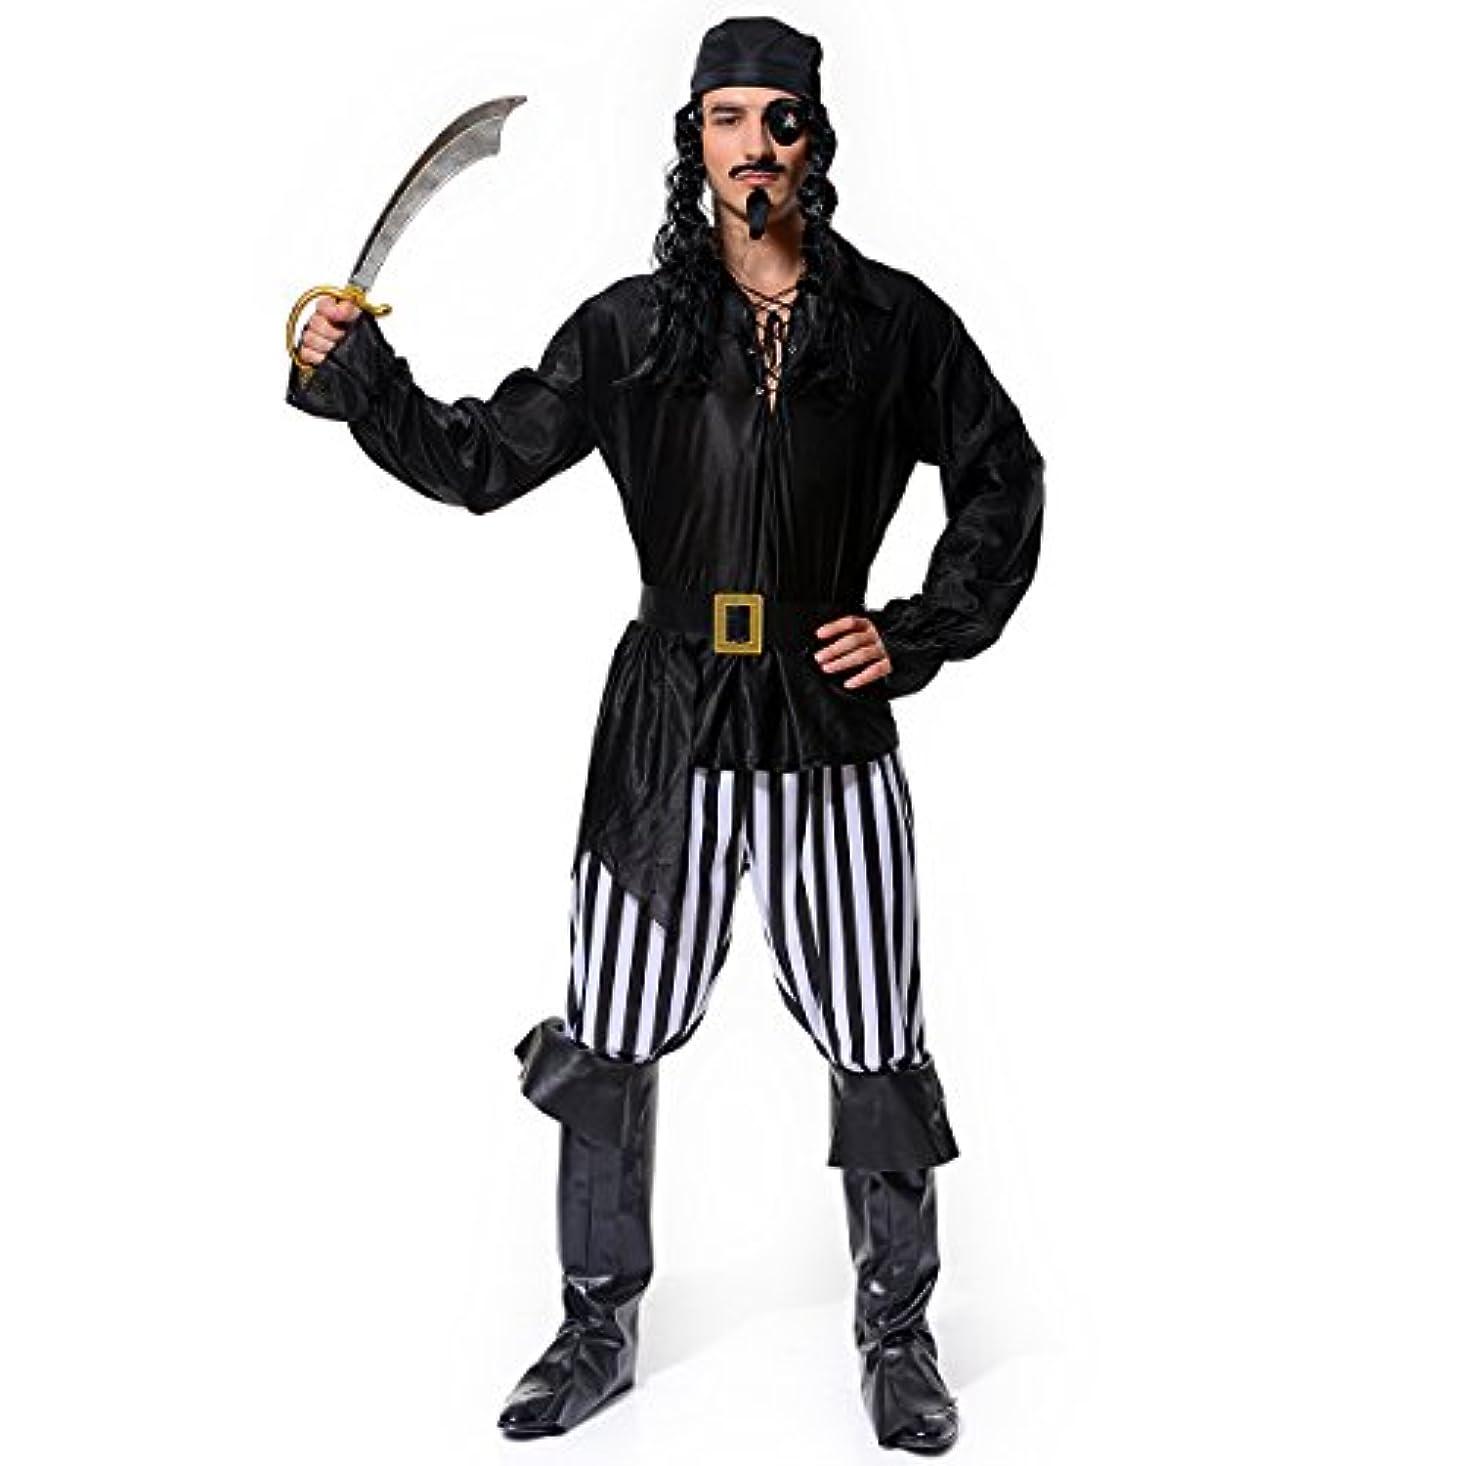 読書支配的定期的にVeroman メンズ 海賊 パイレーツ コスプレ ハロウィン 衣装 仮装 (バンダナ、海賊服、ズボン、ブーツカバー、ベルト、眼帯の6点セット)